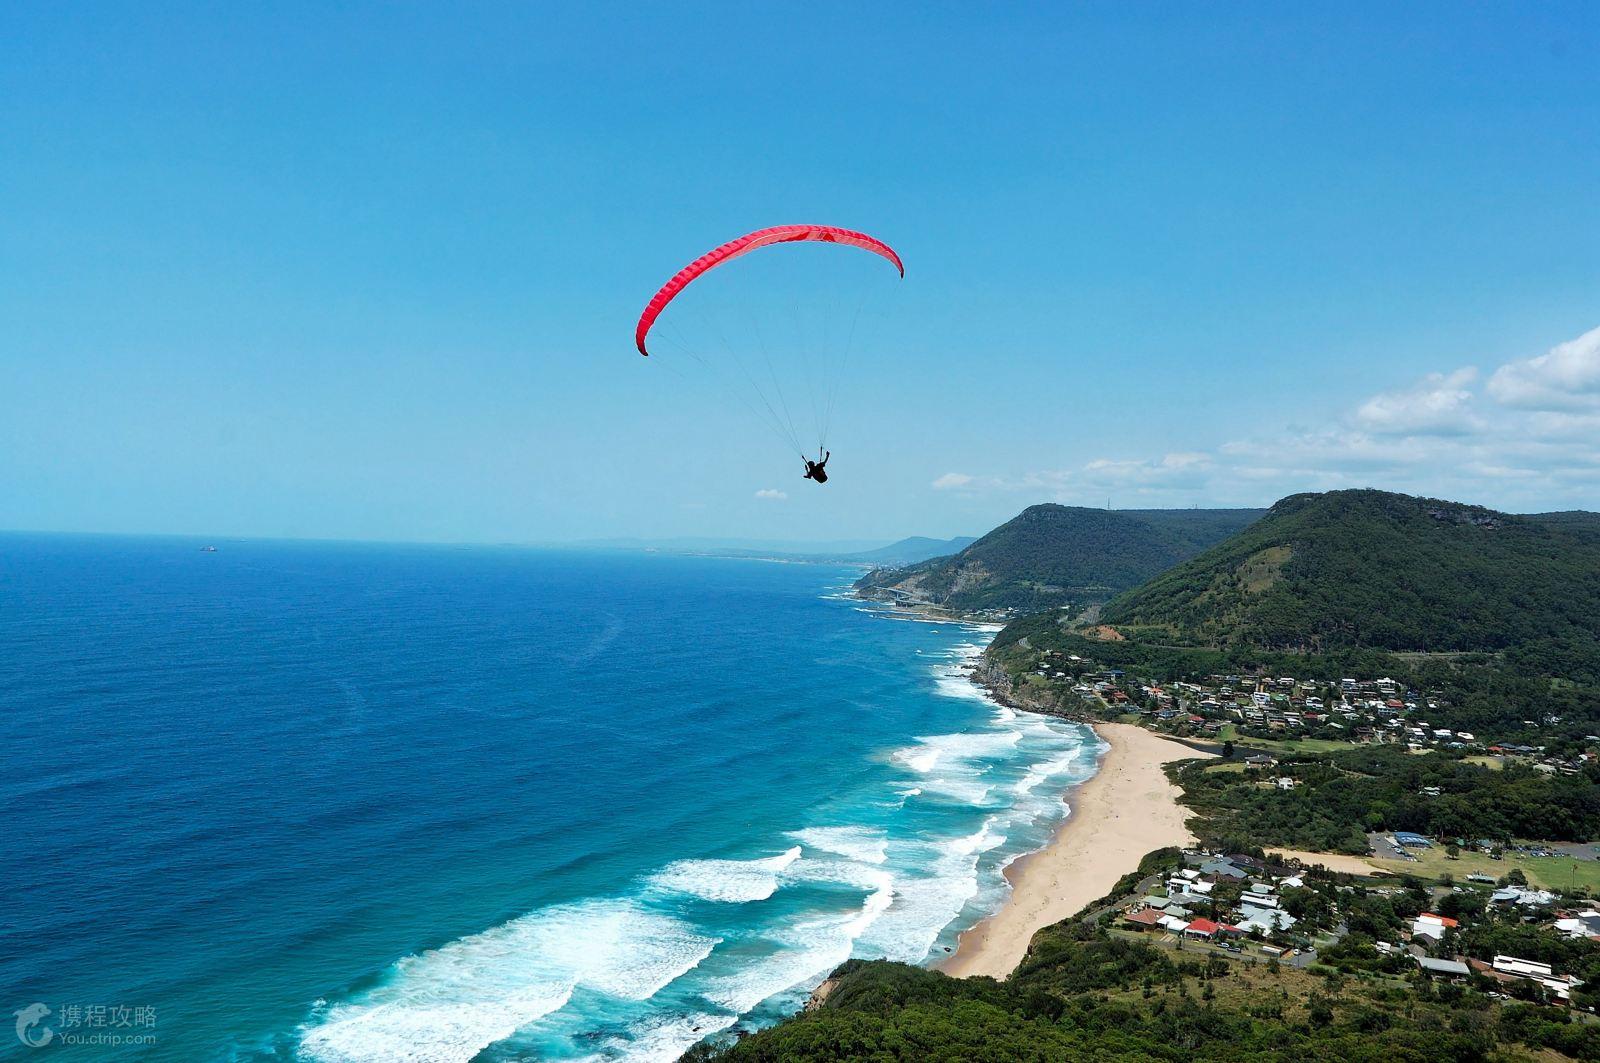 澳大利亚悉尼 凯恩斯 黄金海岸8日5晚跟团游 4钻 热带雨林 天堂农庄 蔚蓝海豚岛 蓝色海洋